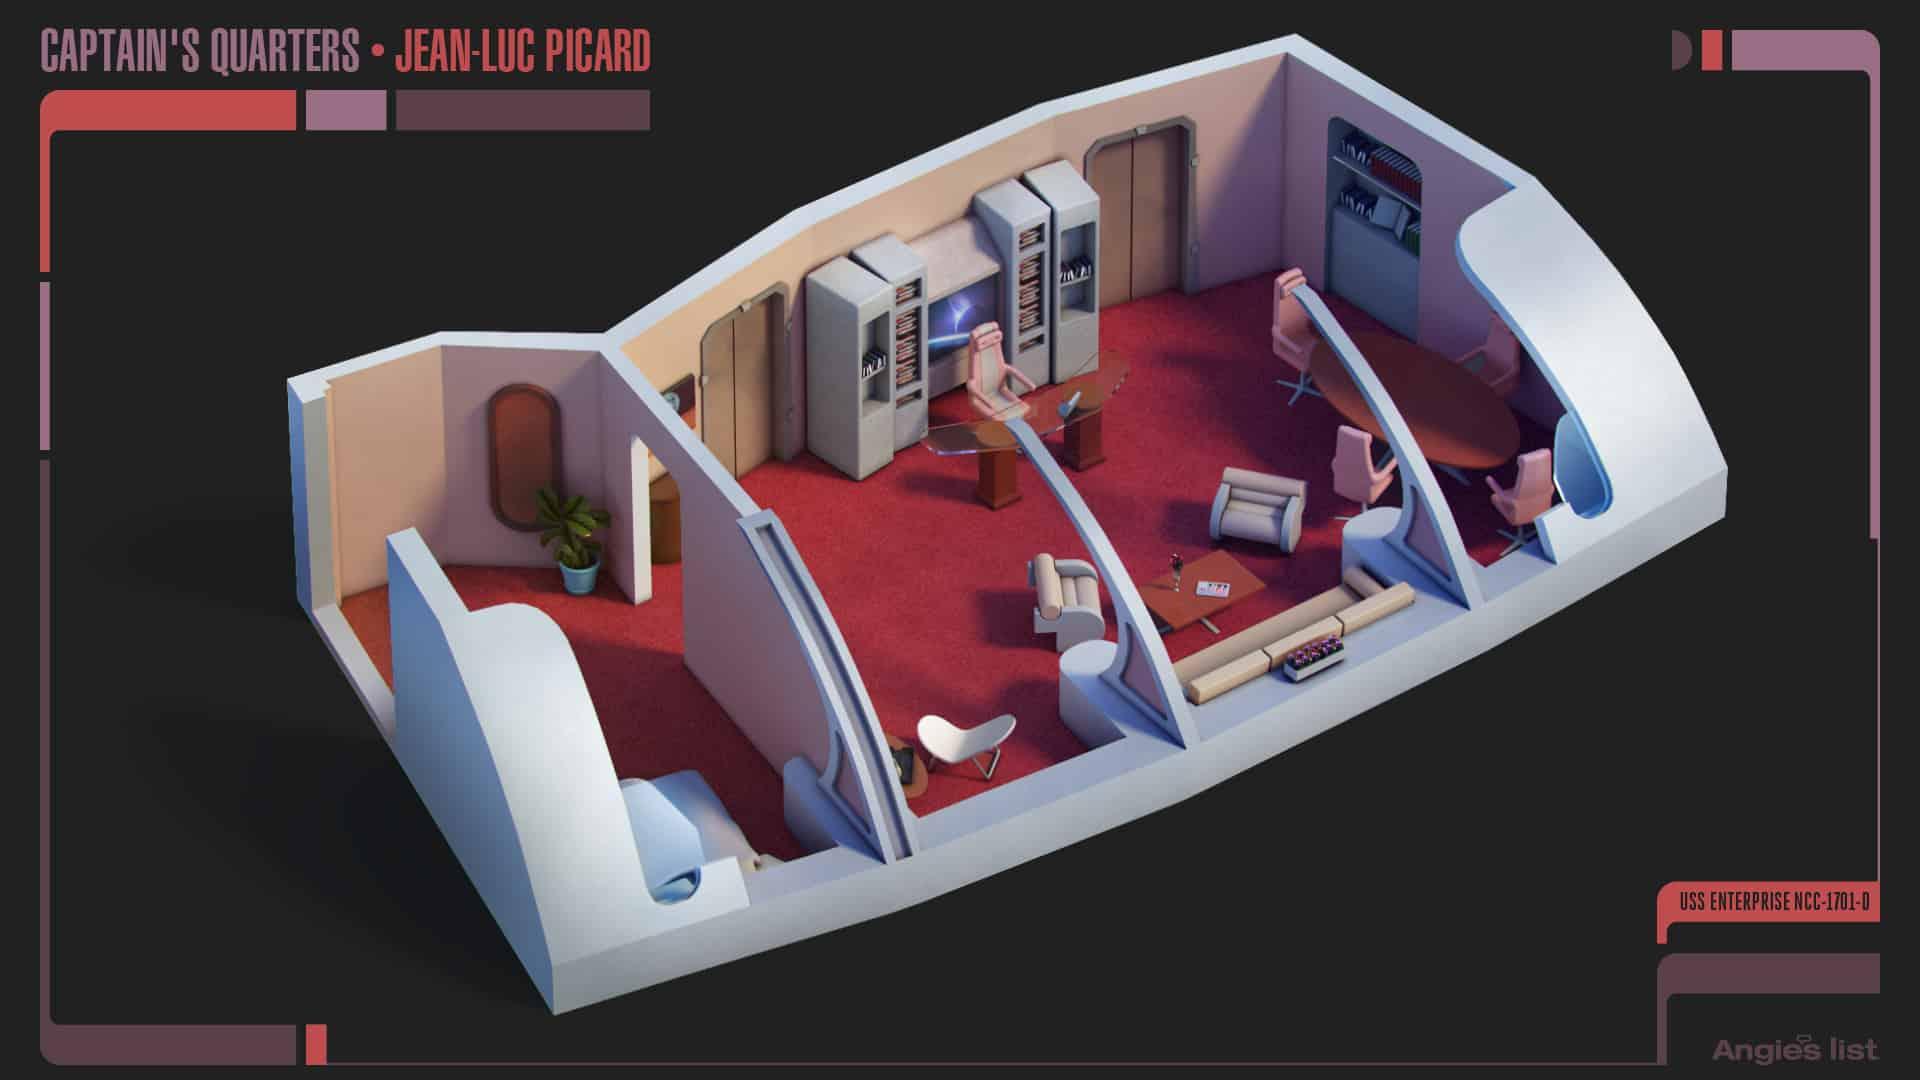 2 Jean Luc Picard quarters